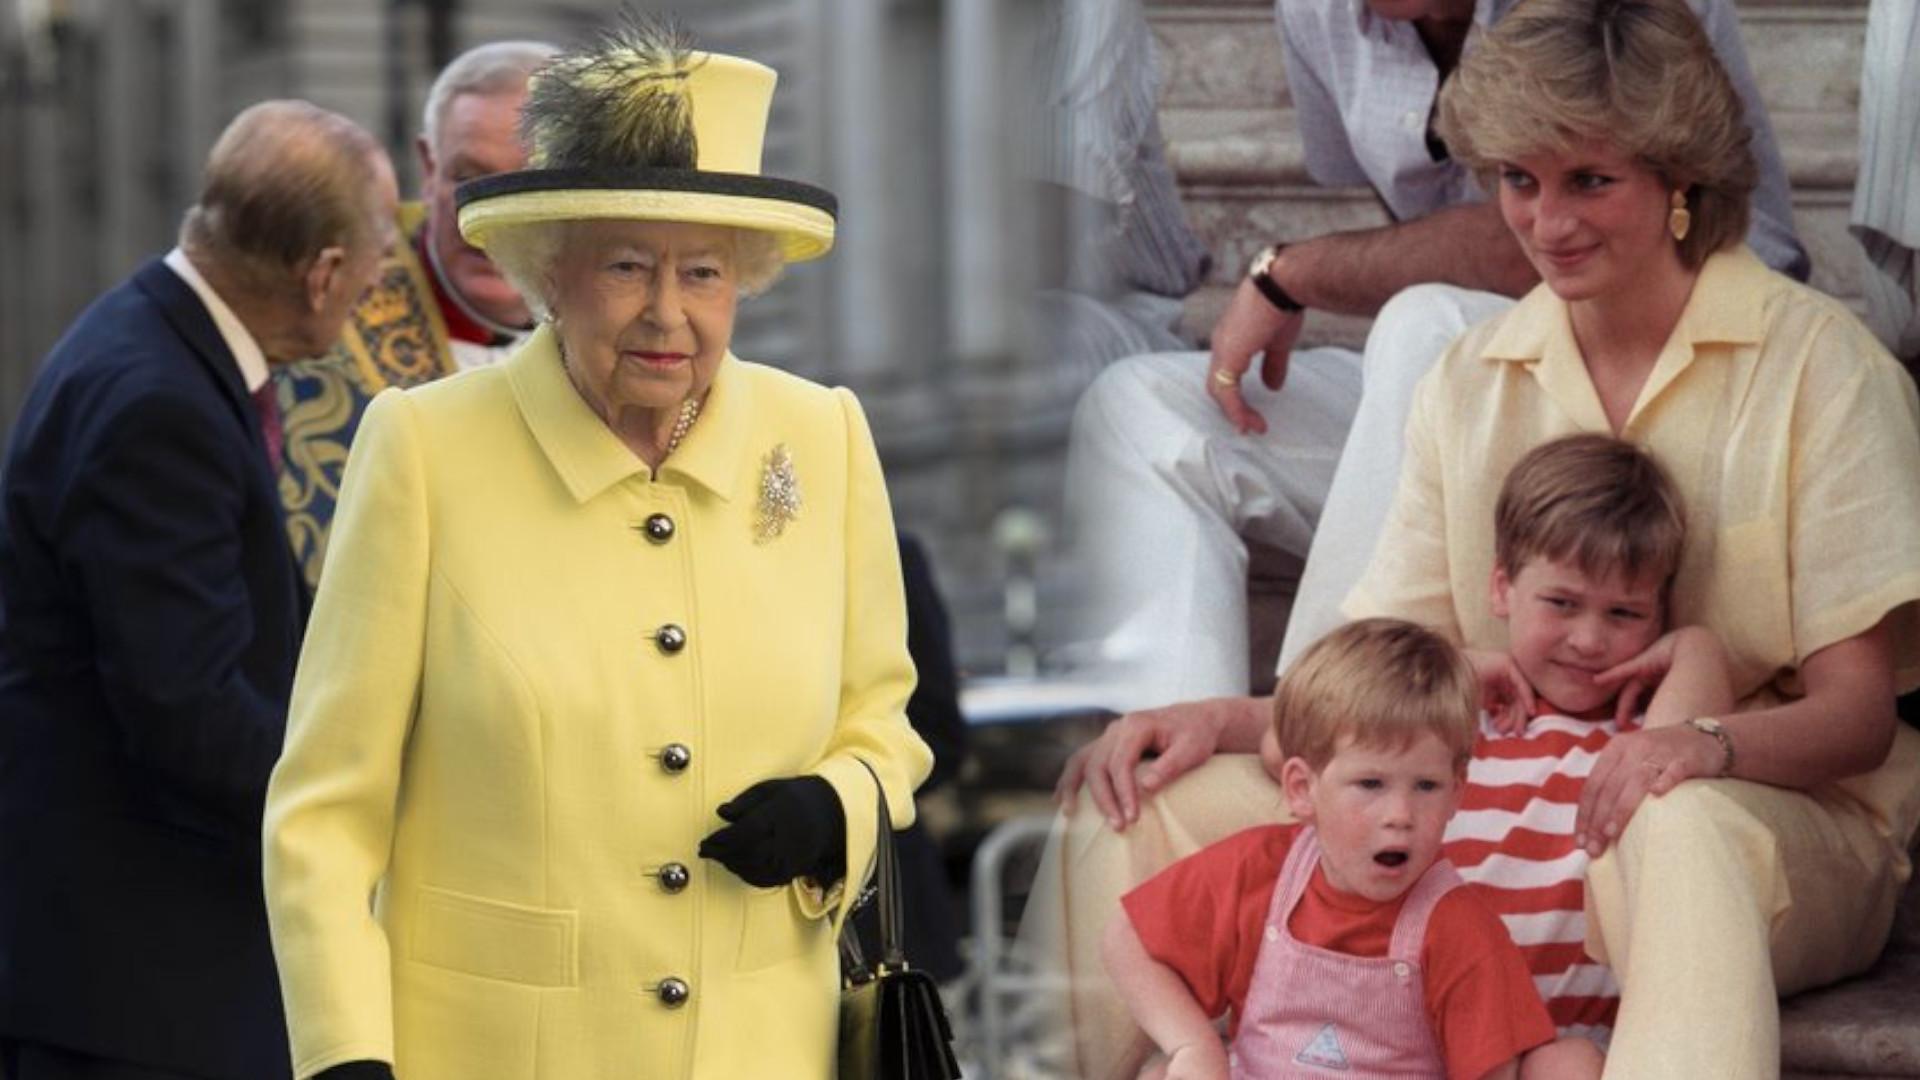 To niespotykany widok! Elżbieta II BIEGNIE za wnukiem i zatrzymuje go łapiąc za rękę (VIDEO)